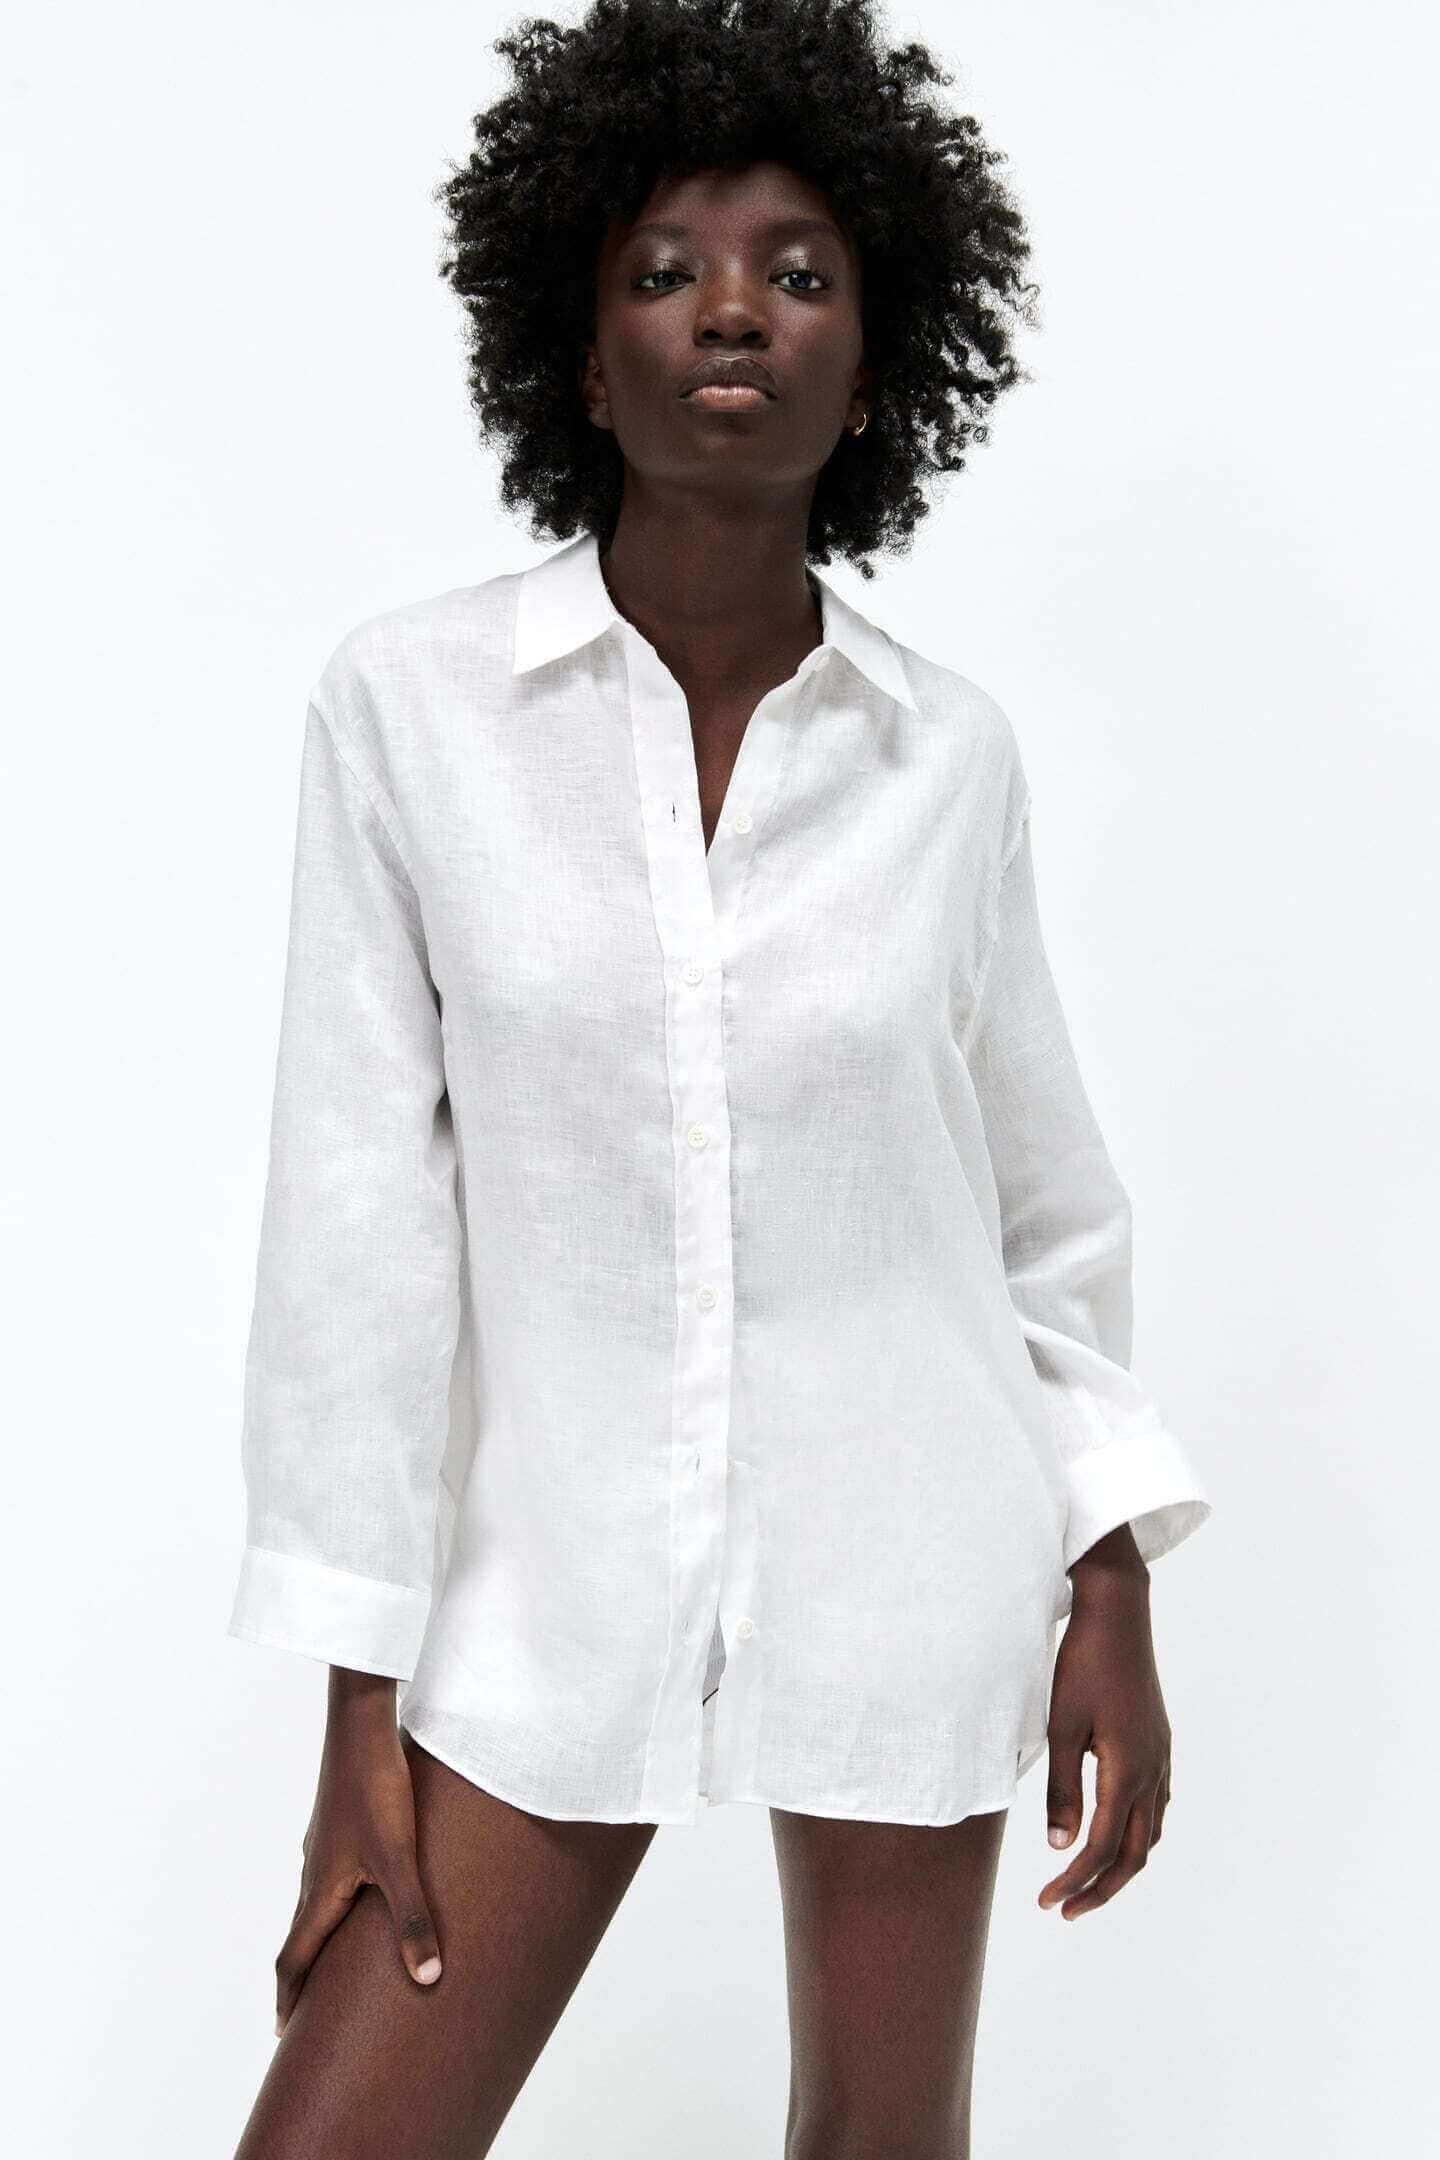 modelo vestida com camisa branca da zara